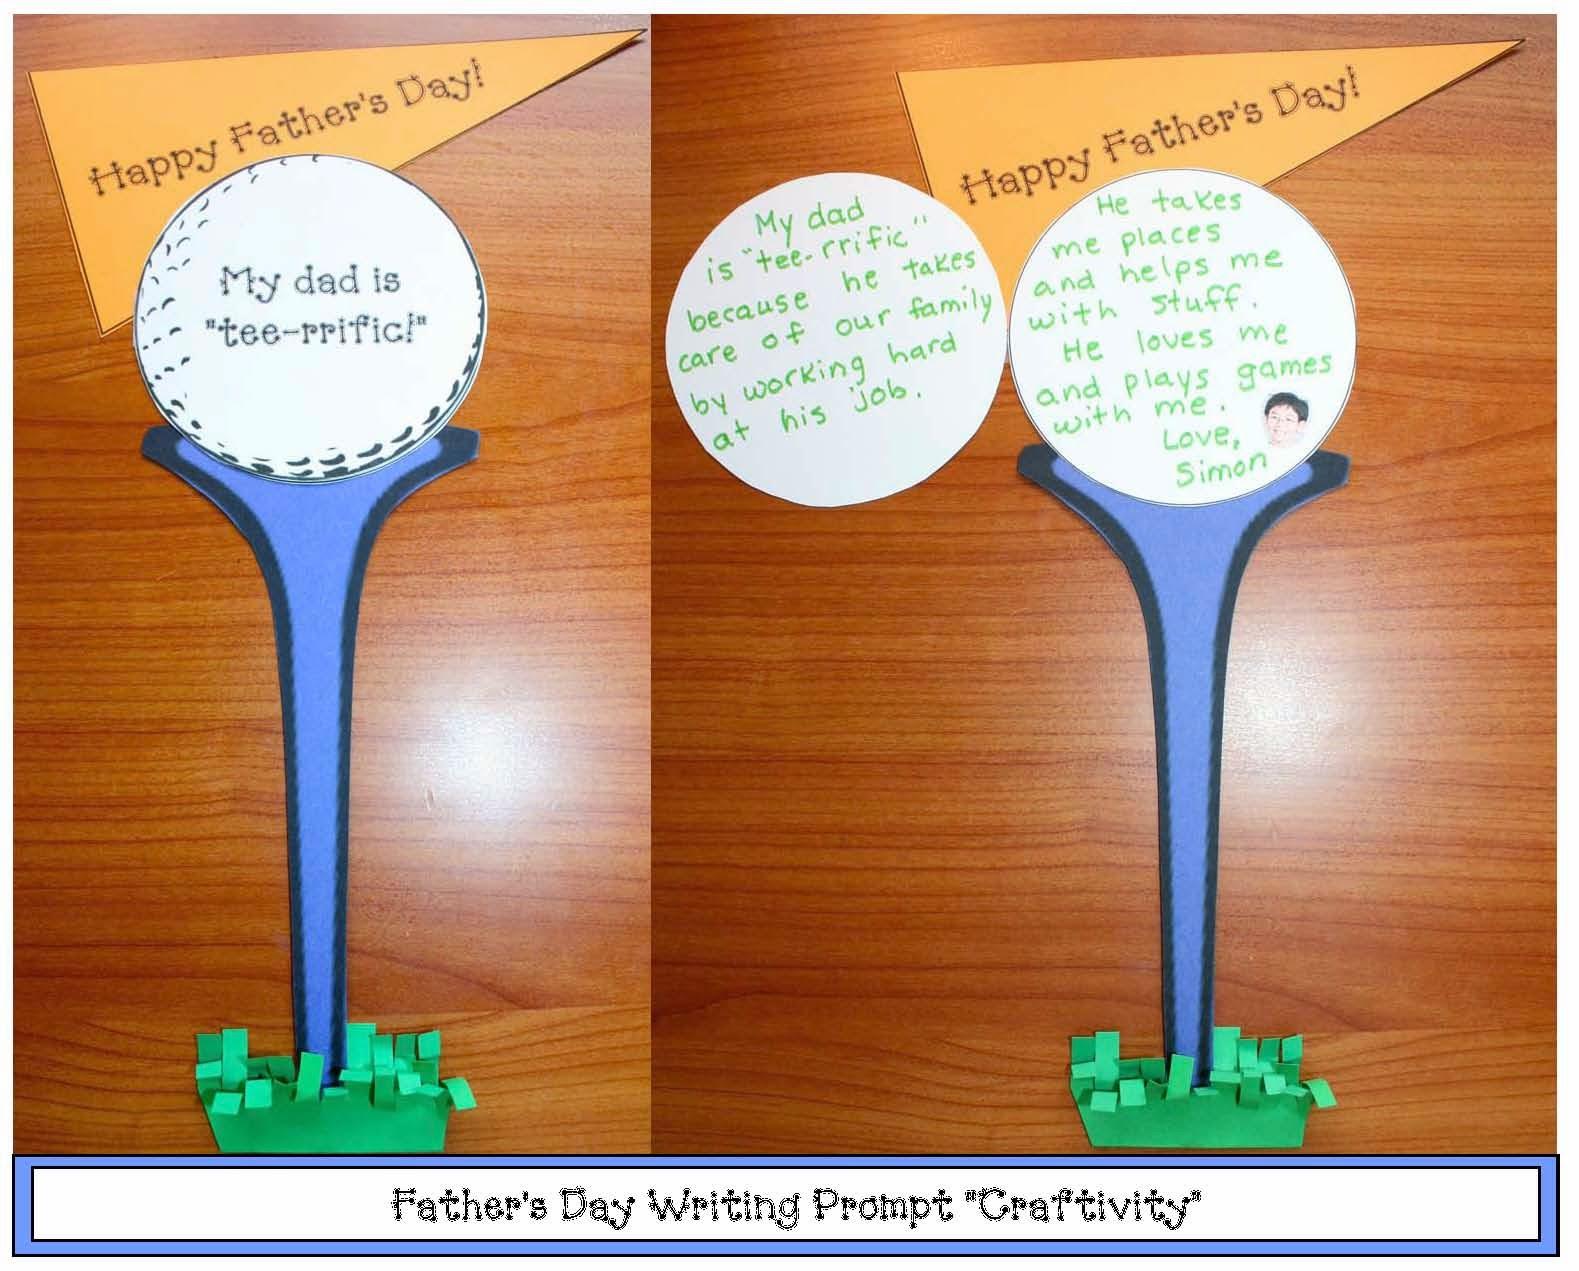 http://1.bp.blogspot.com/-EgmcN2kF4AU/U6yd_YKhksI/AAAAAAAAKy4/p6OfQ1mzQCc/s1600/Father's+Day+Golf+Tee+Card.jpg